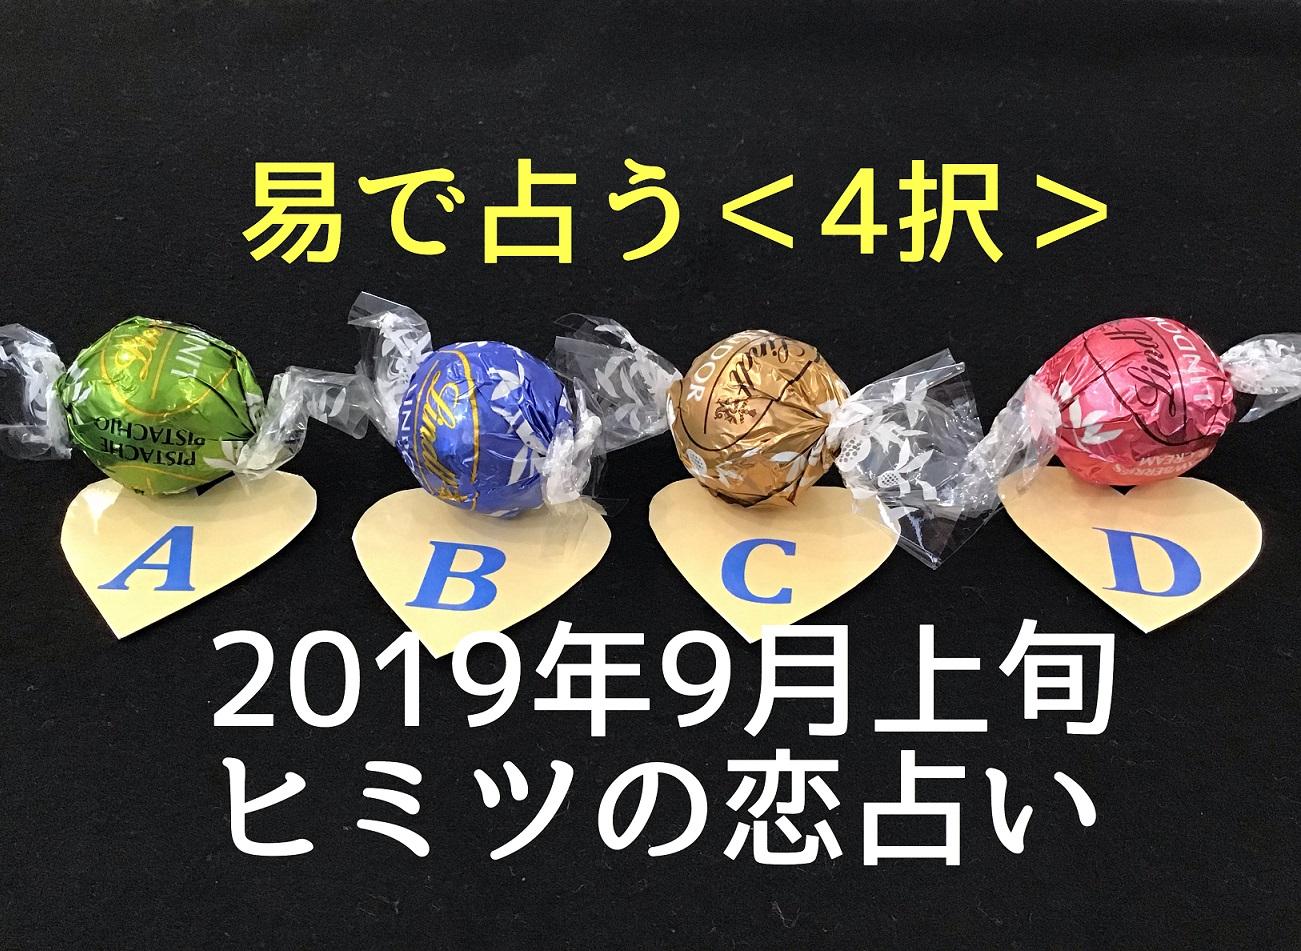 2019/9月上旬「ヒミツの恋占い」